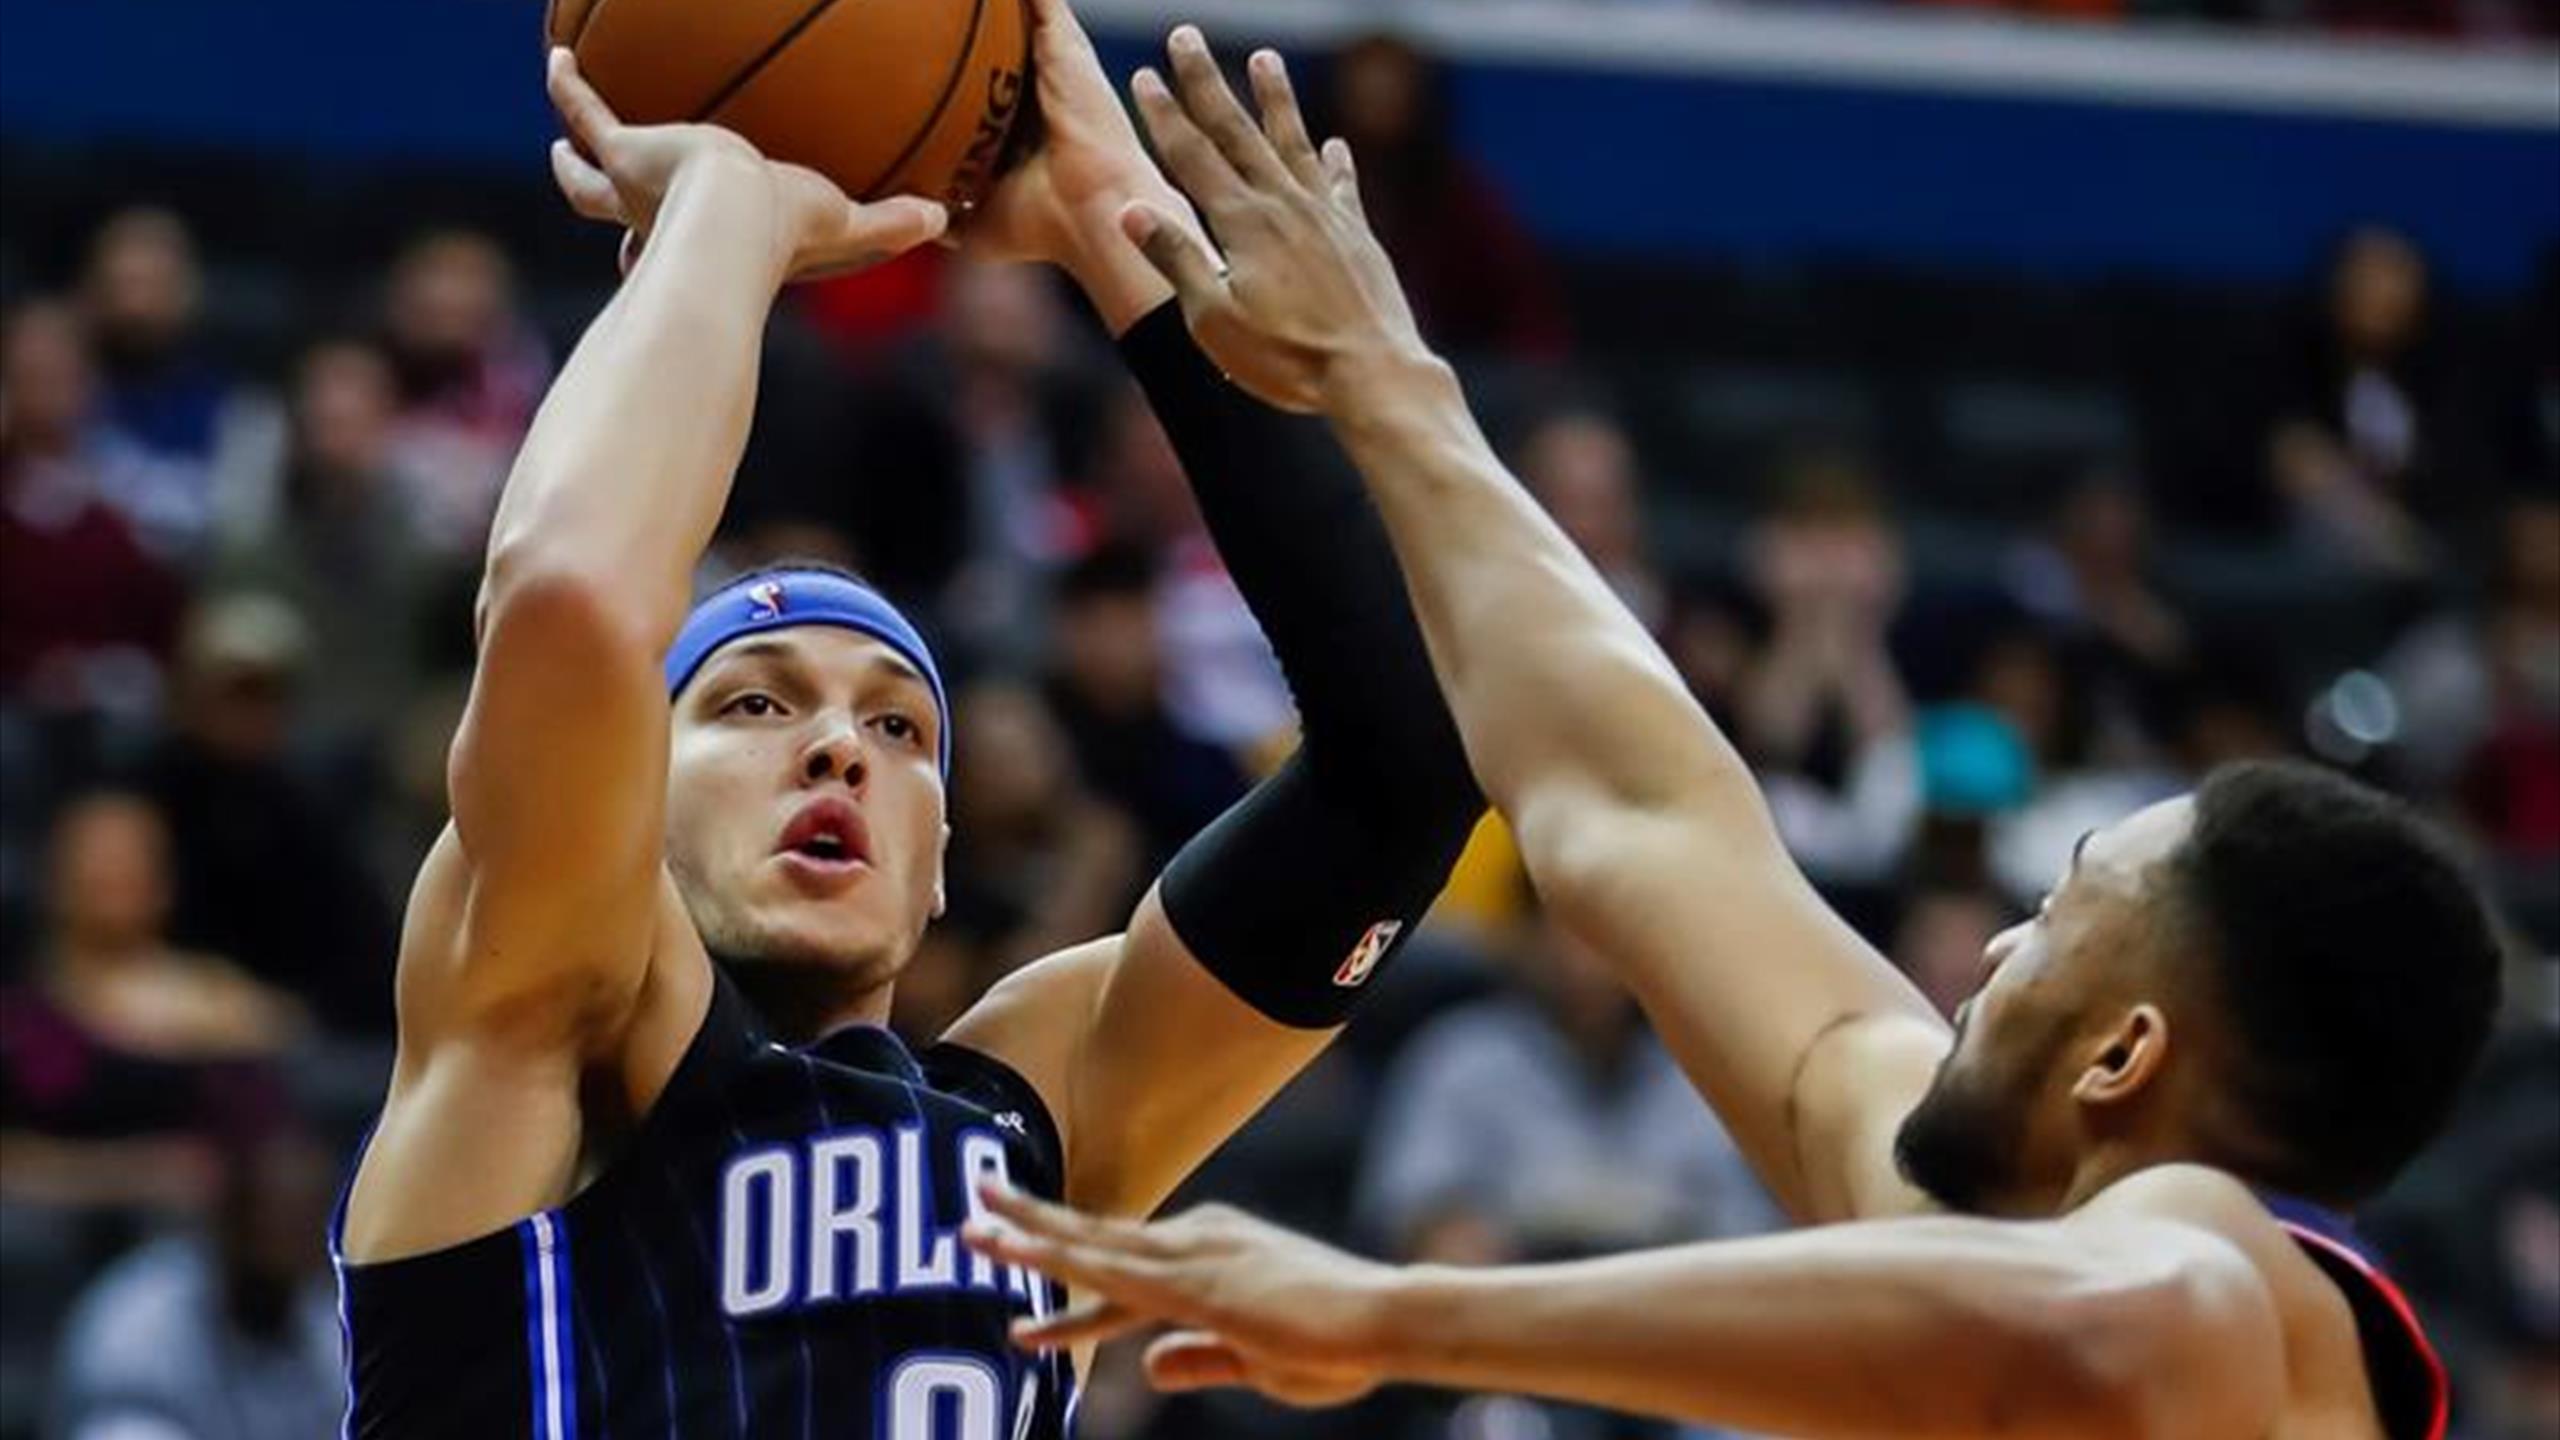 La NBA da a conocer el calendario de partidos de